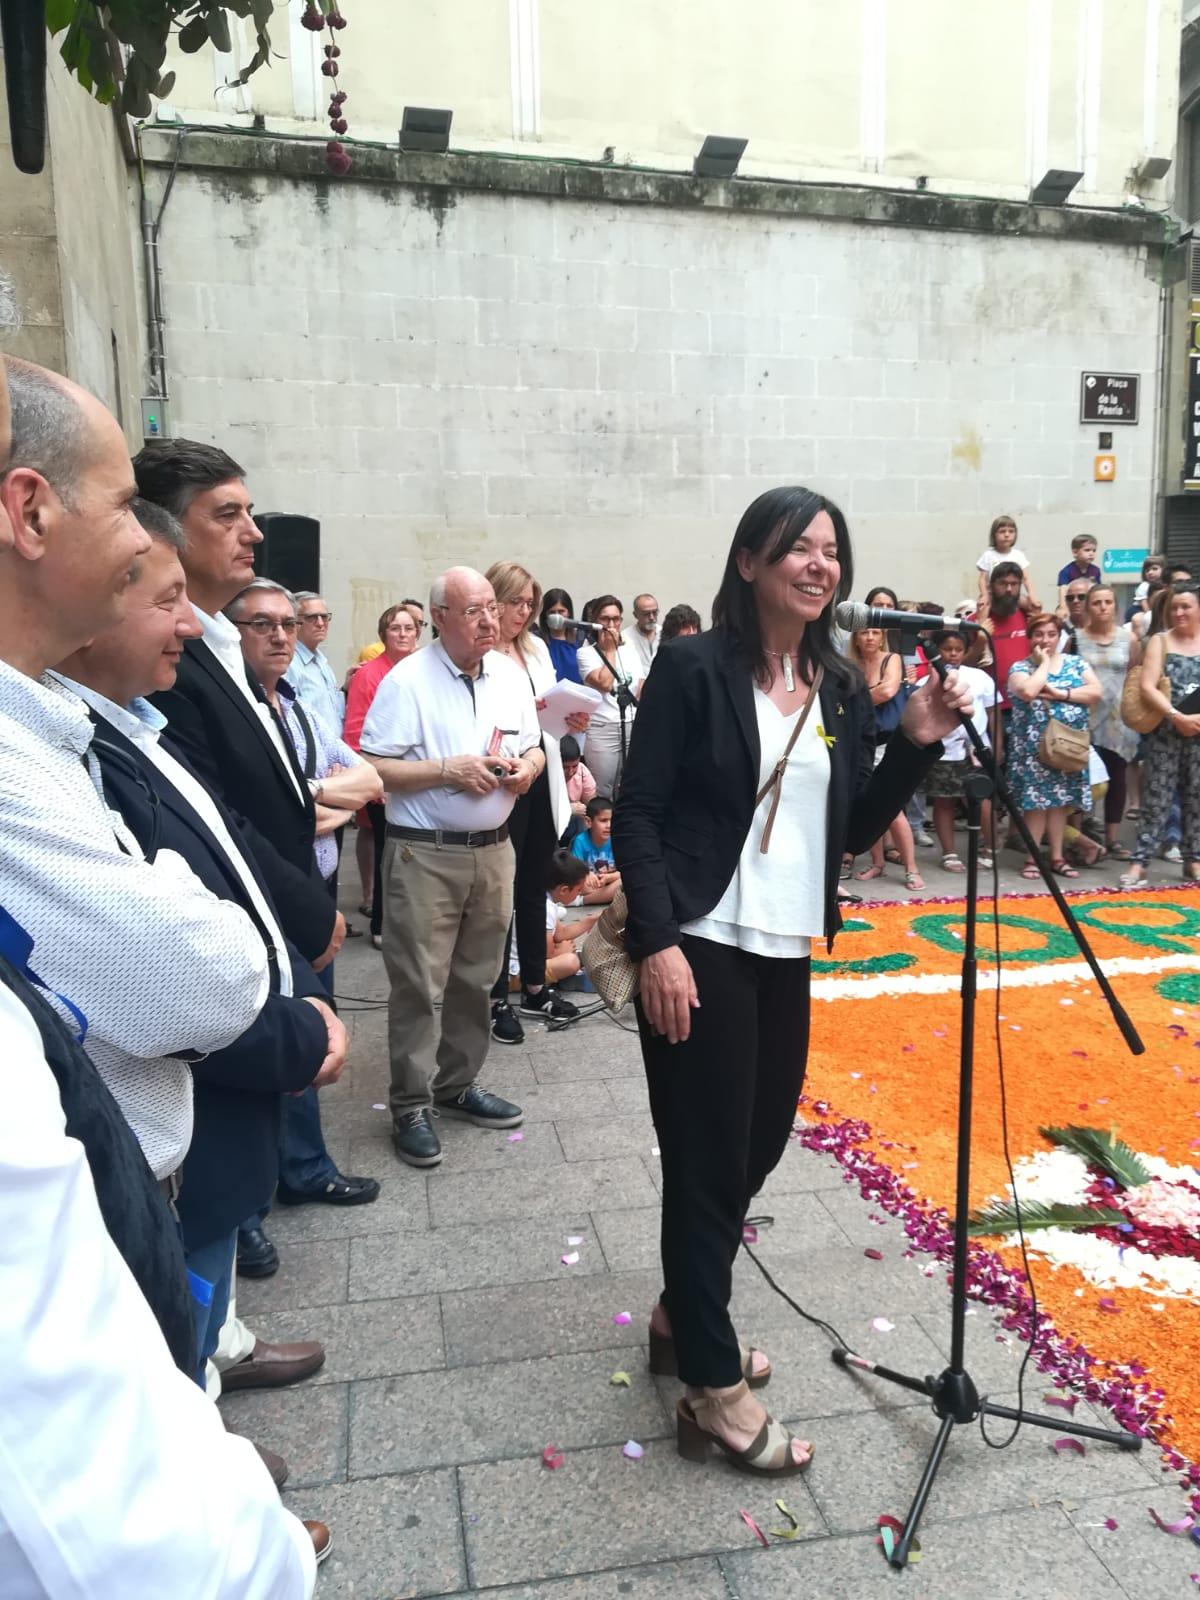 La directora general de cultura popular, visita els actes